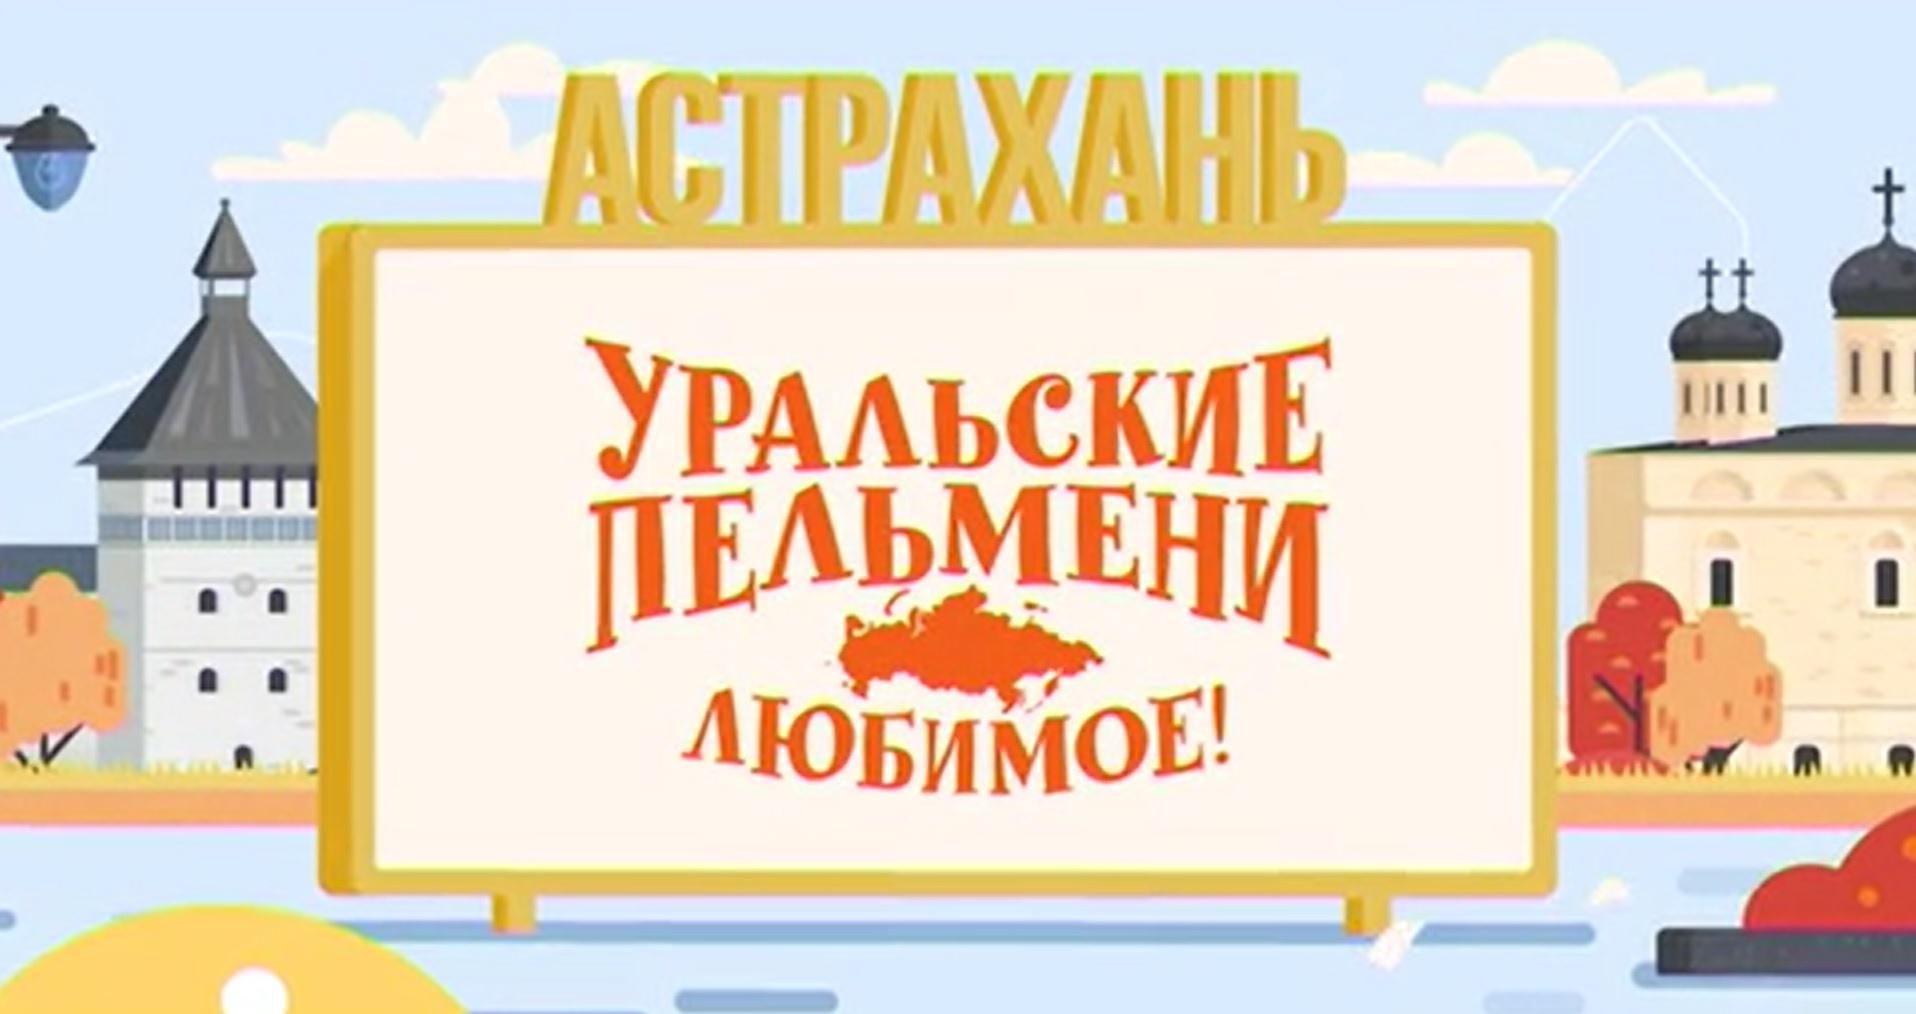 Творческий коллектив Уральские Пельмени Уральские пельмени. Любимое. Астрахань усилитель б у астрахань